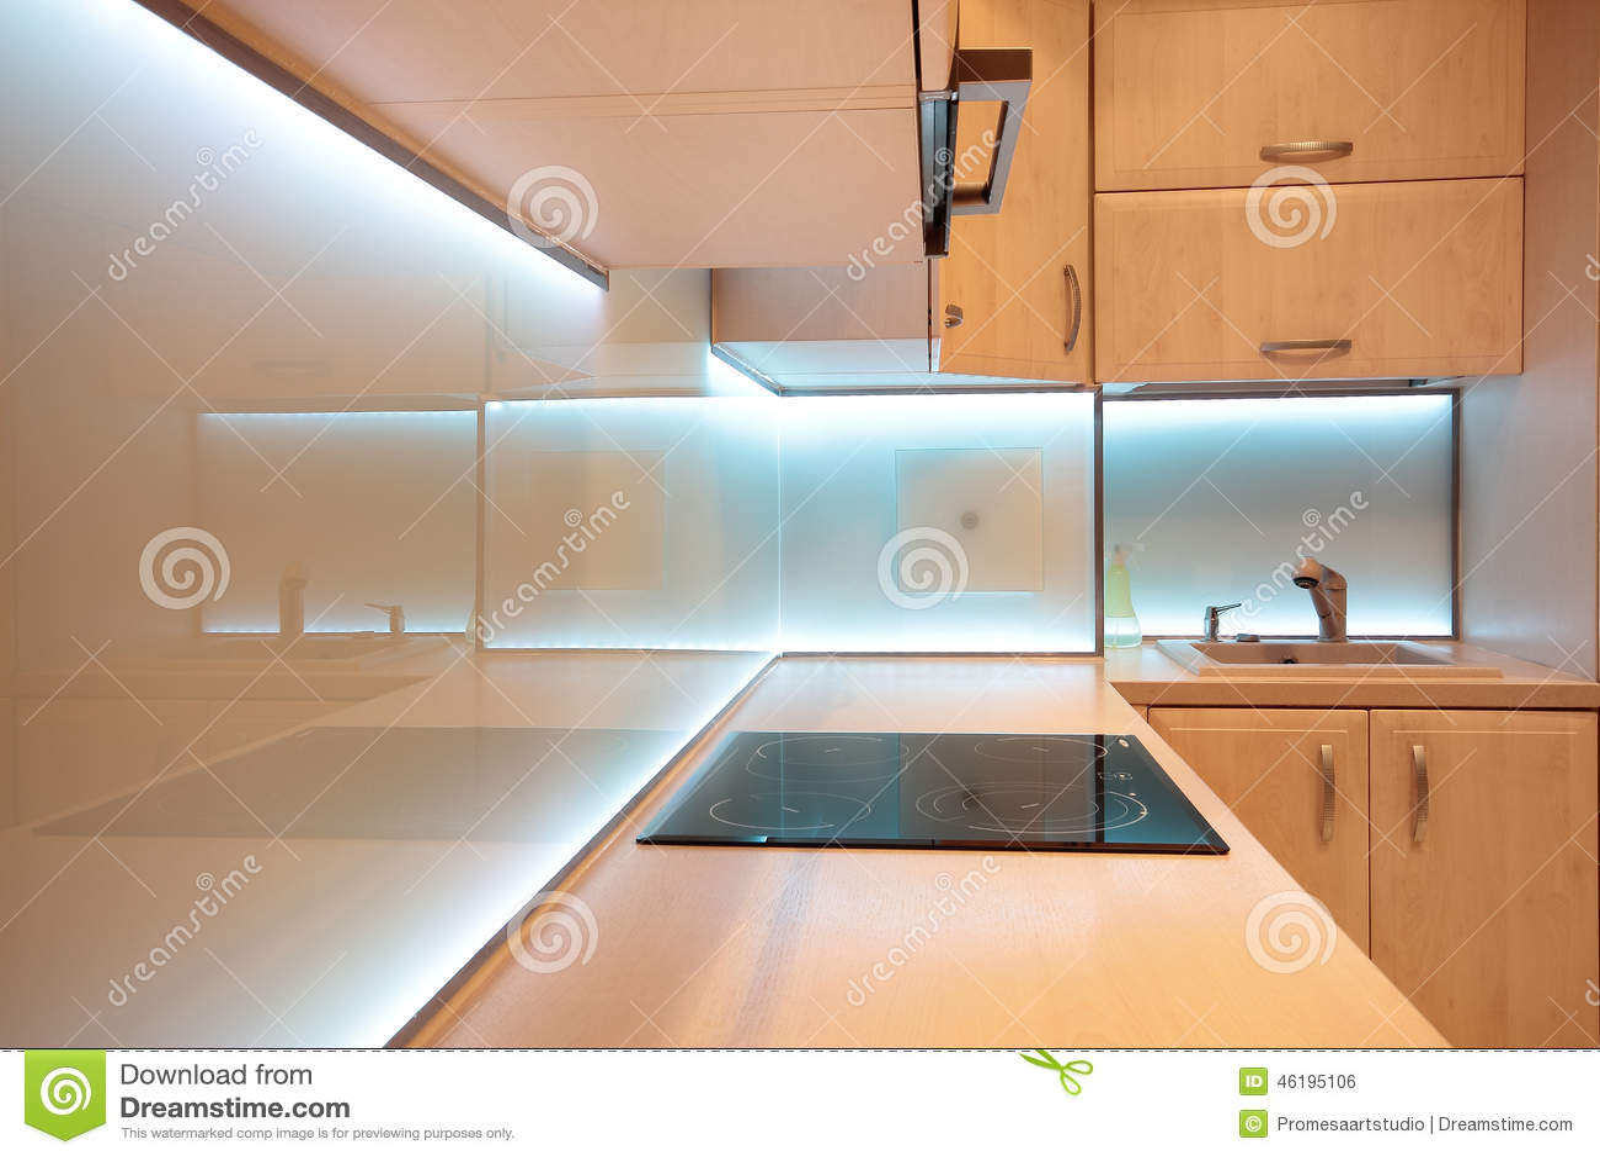 Cocina de lujo moderna con la iluminación blanca del LED